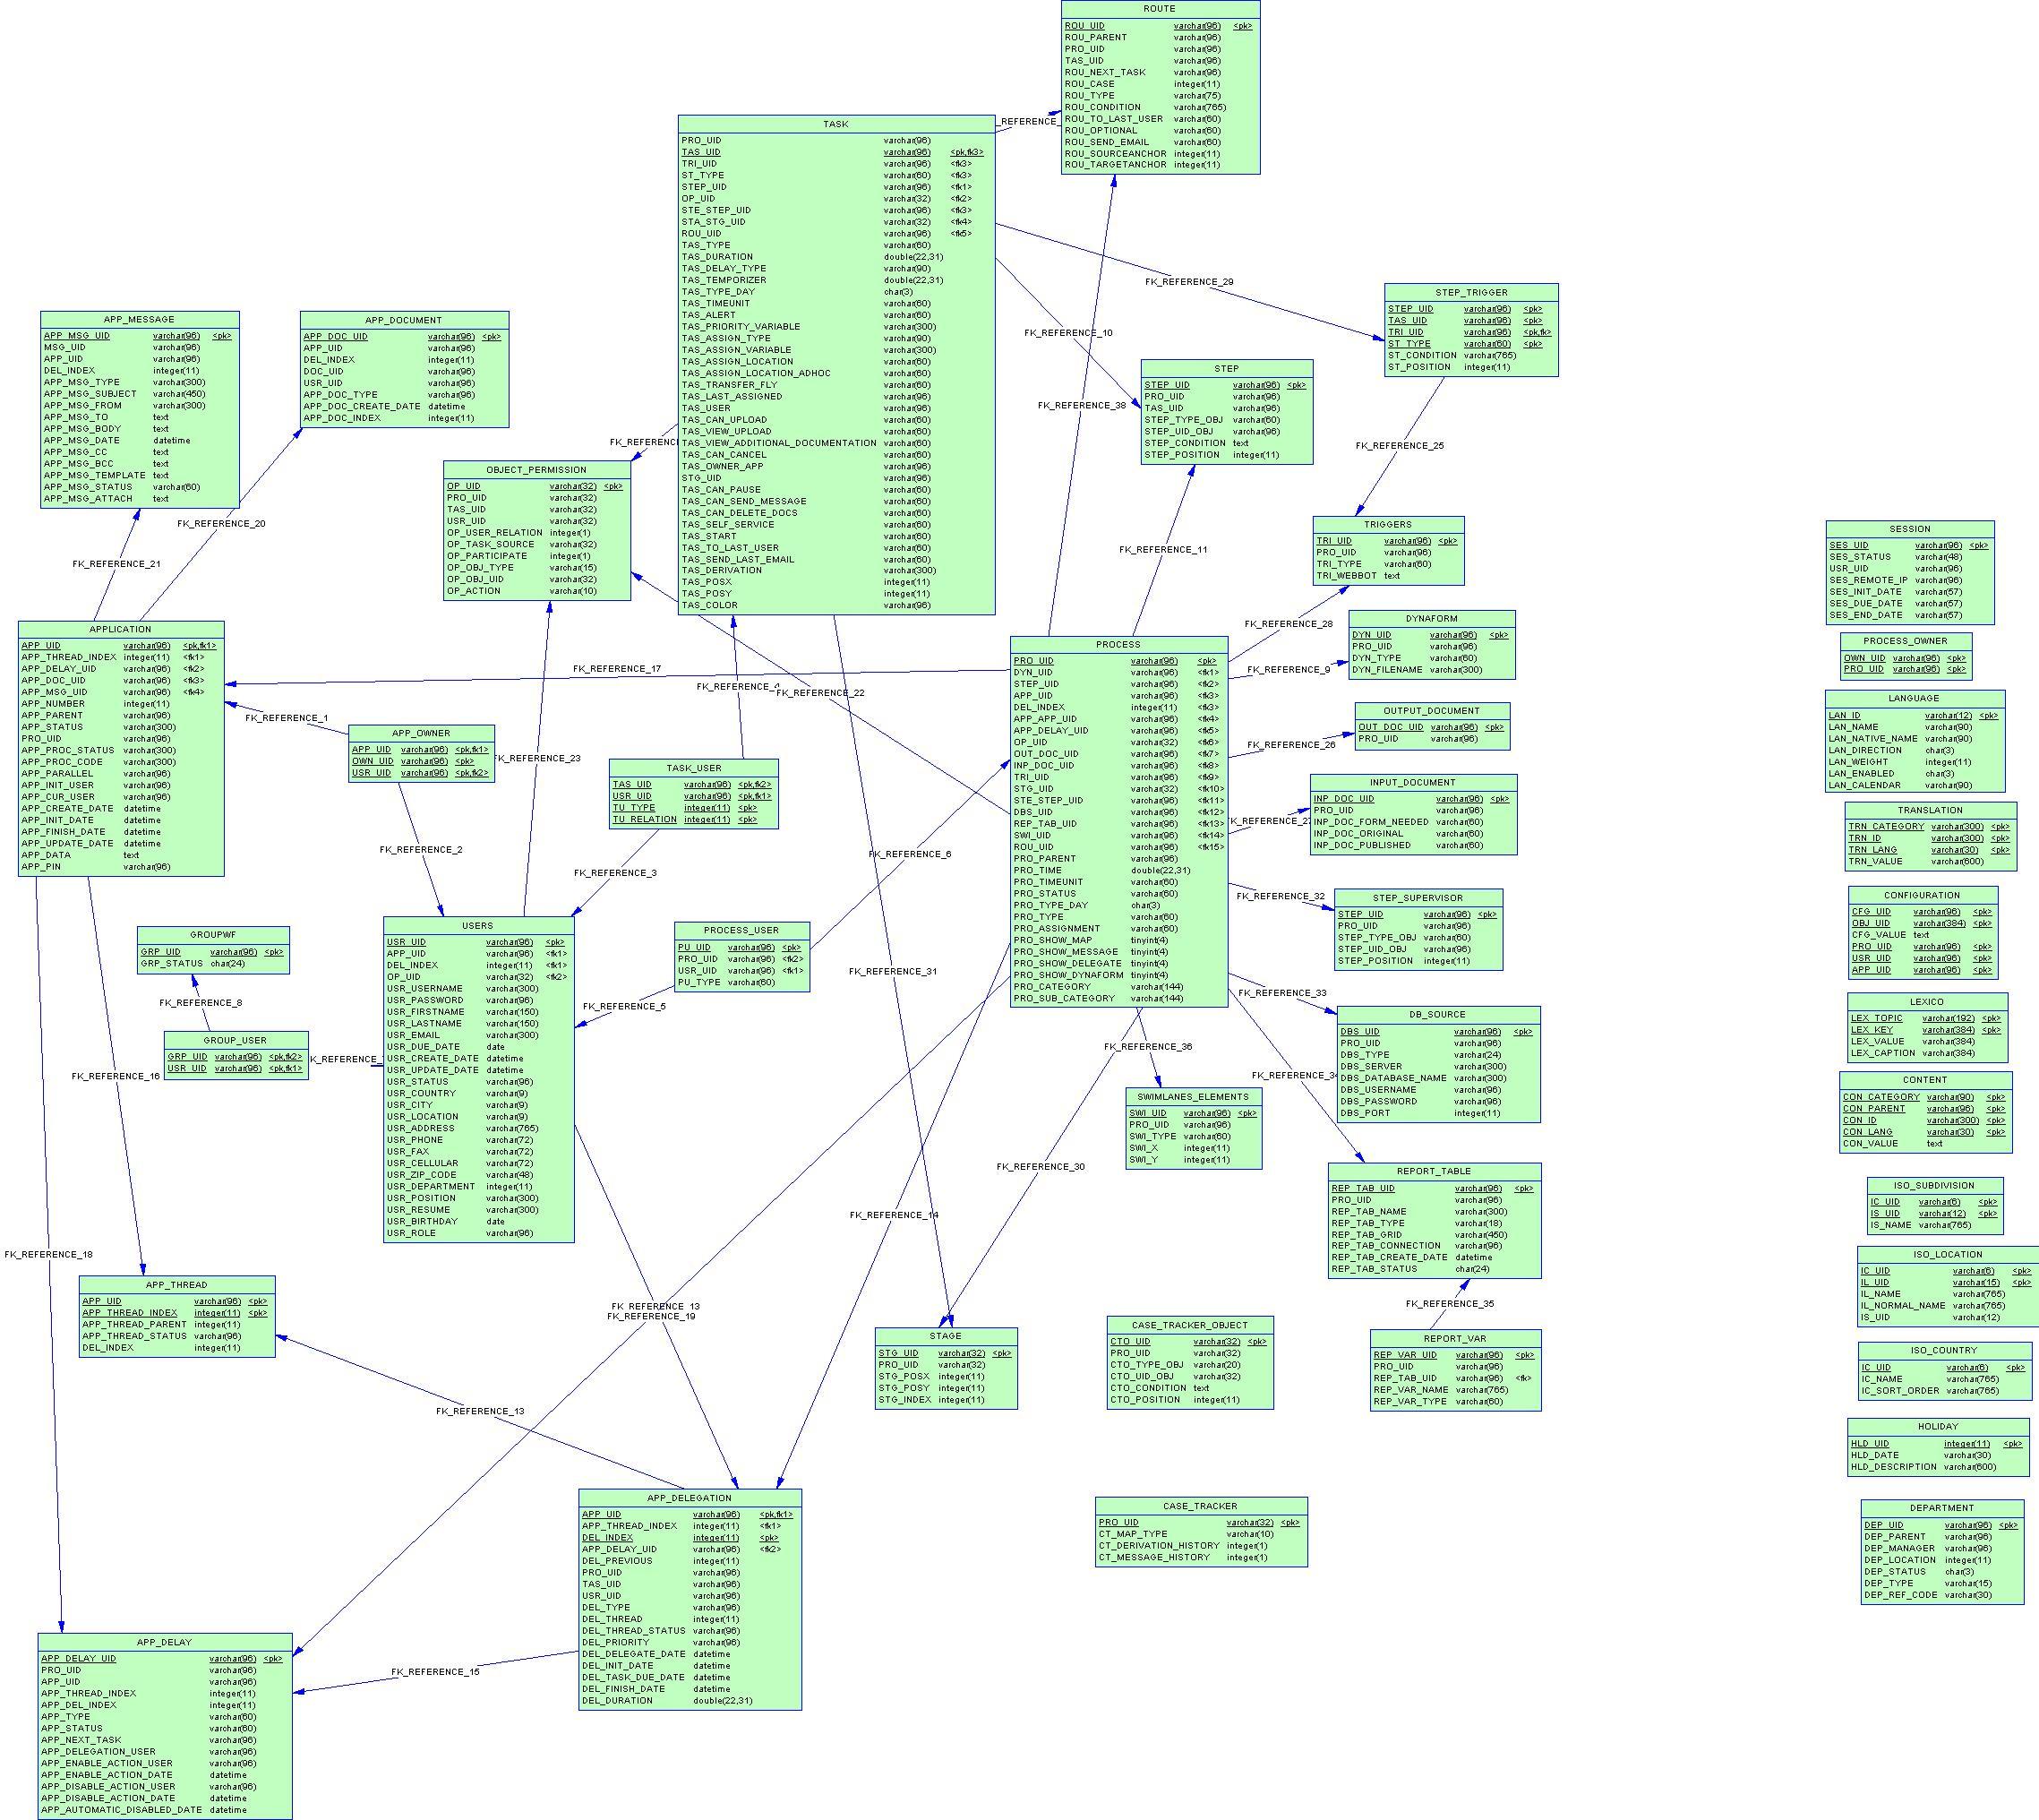 er diagram movie list 2001 saturn sl2 ignition wiring unmasa dalha